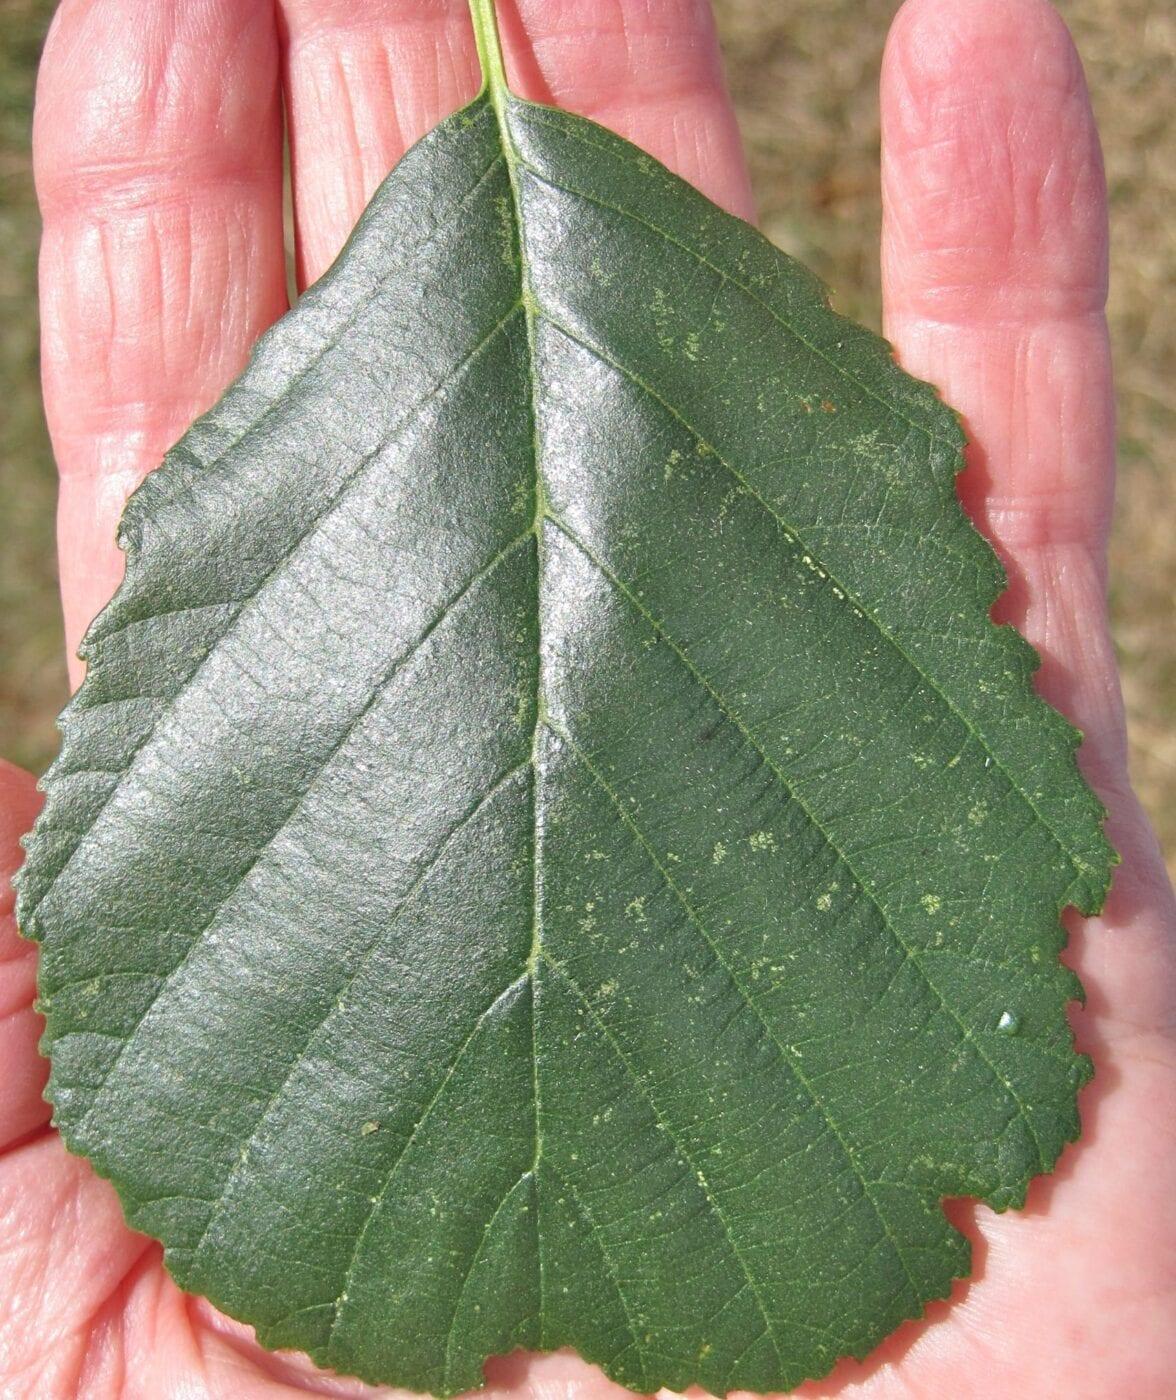 Common Alder leaf